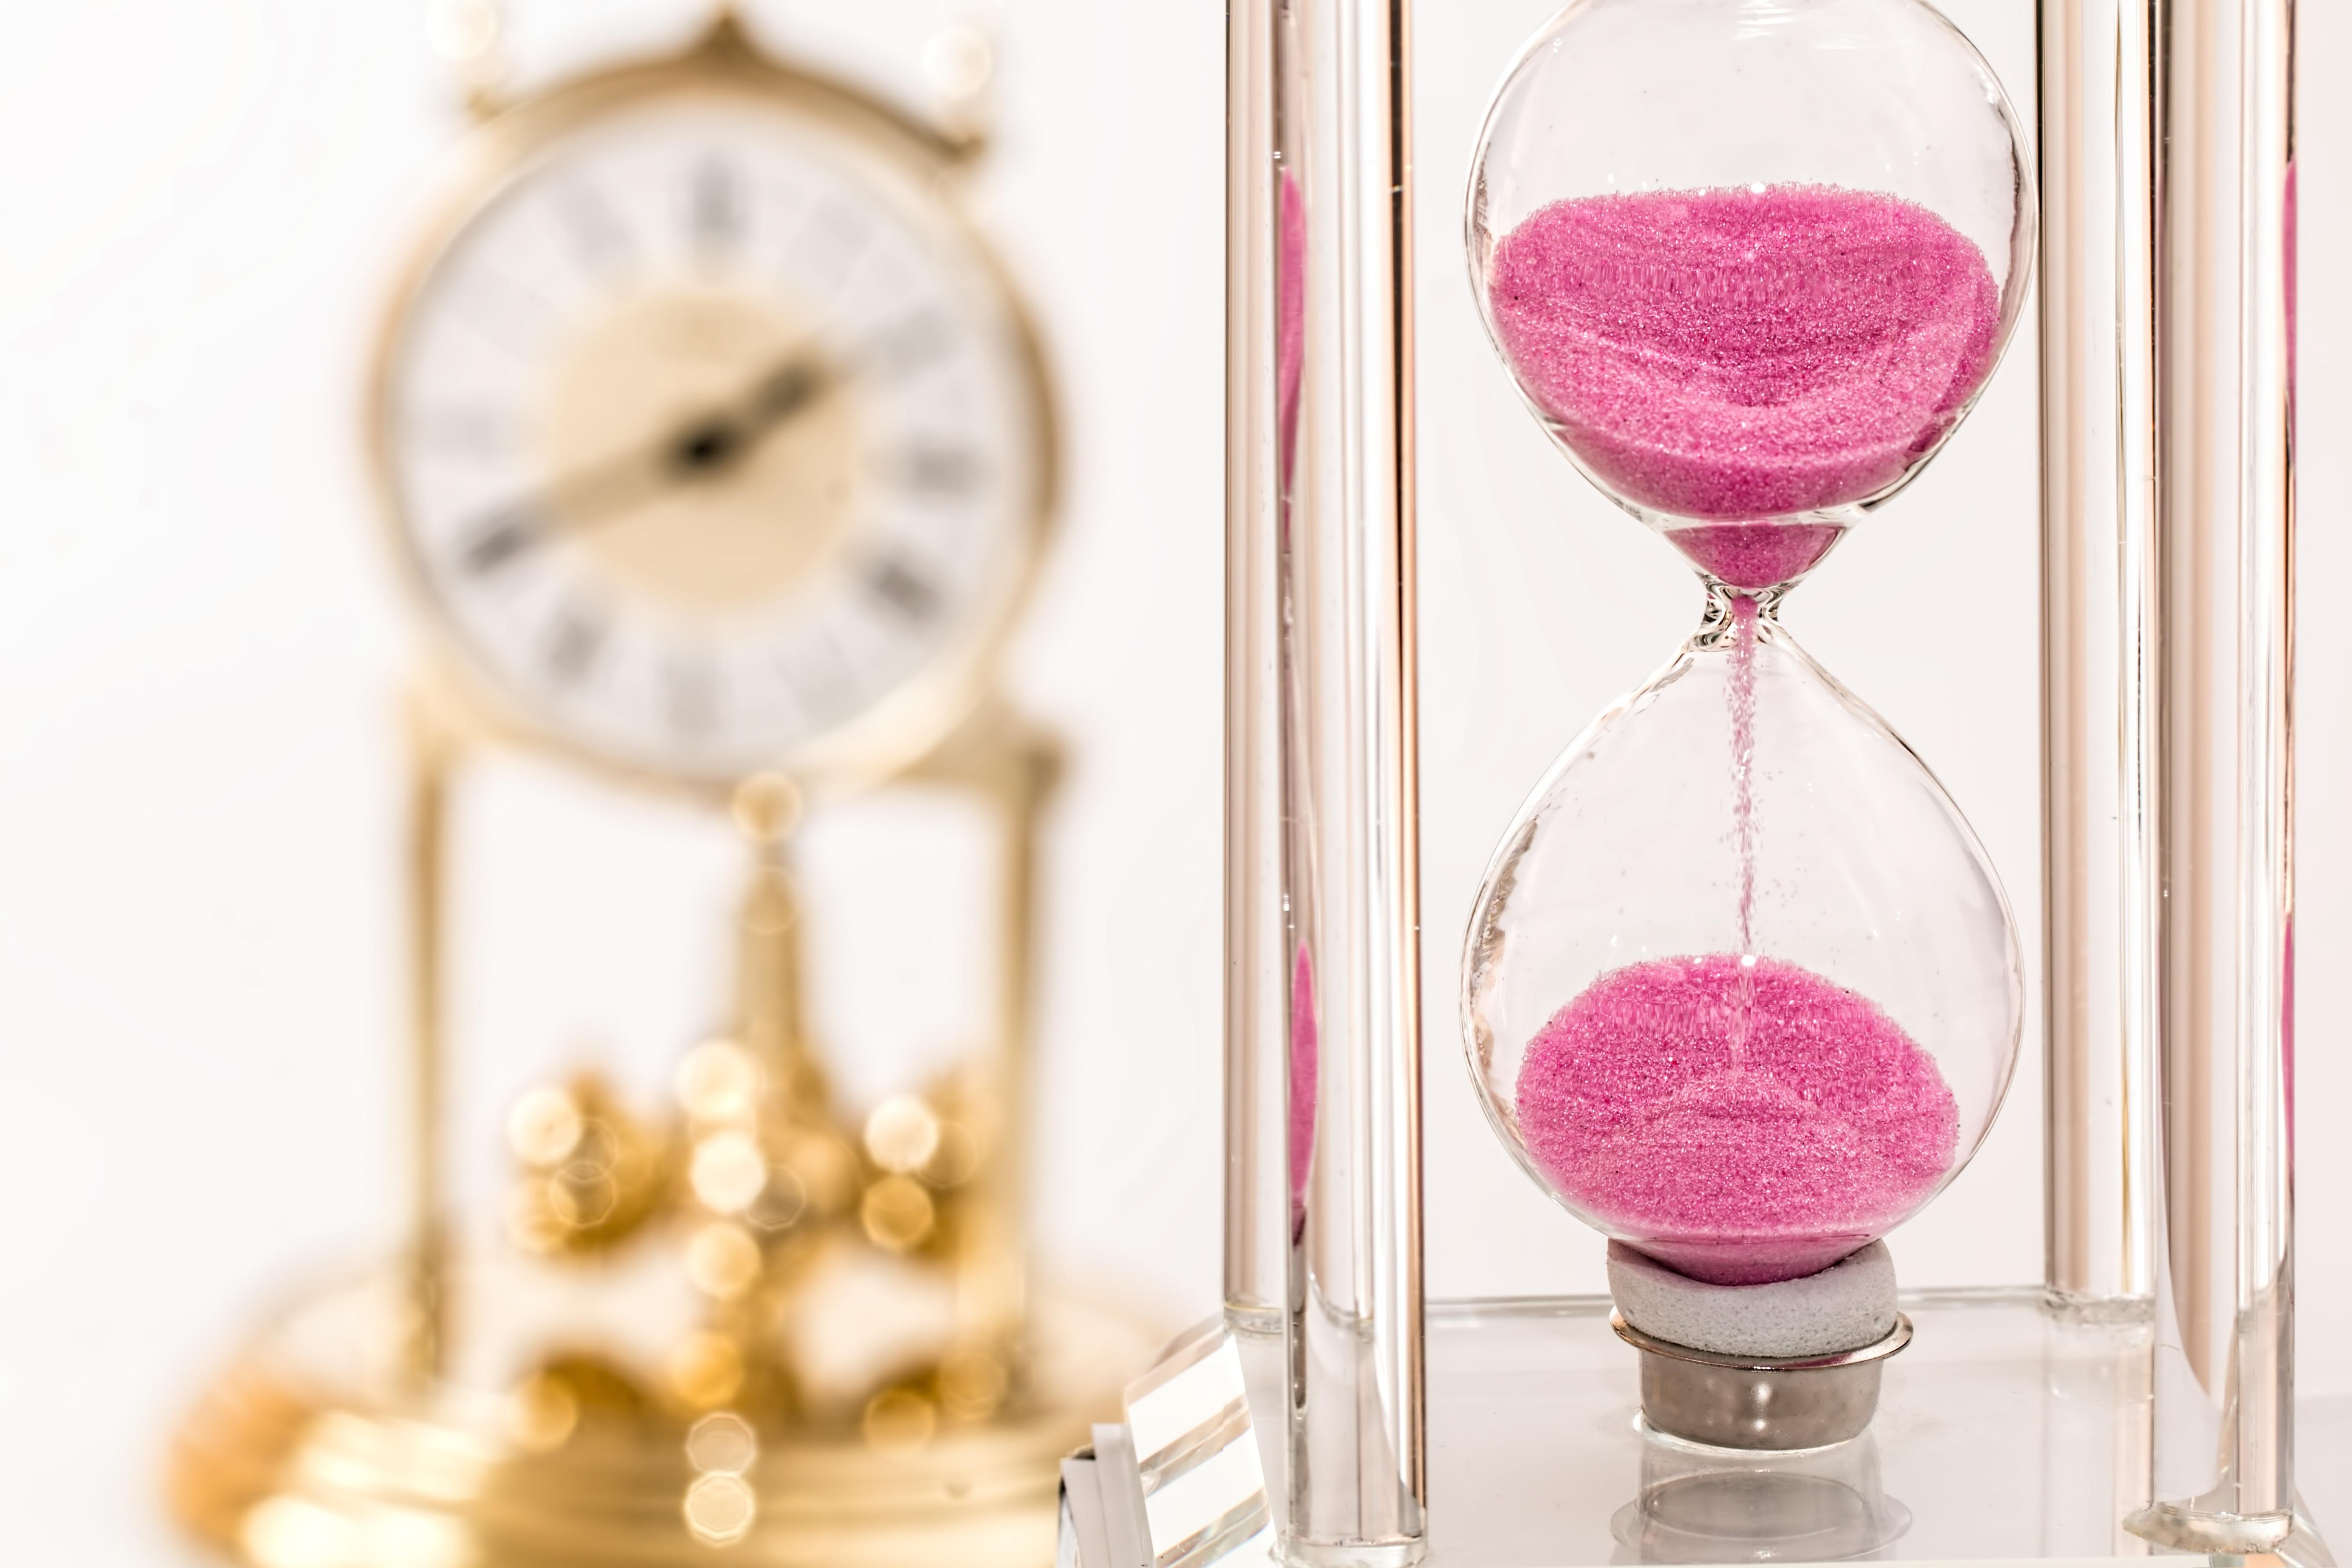 Kurumlar Vergisi Beyanı ve Ödemeleri 1 Haziran 2020 Pazartesi Günü Sonuna Ertelenmiştir